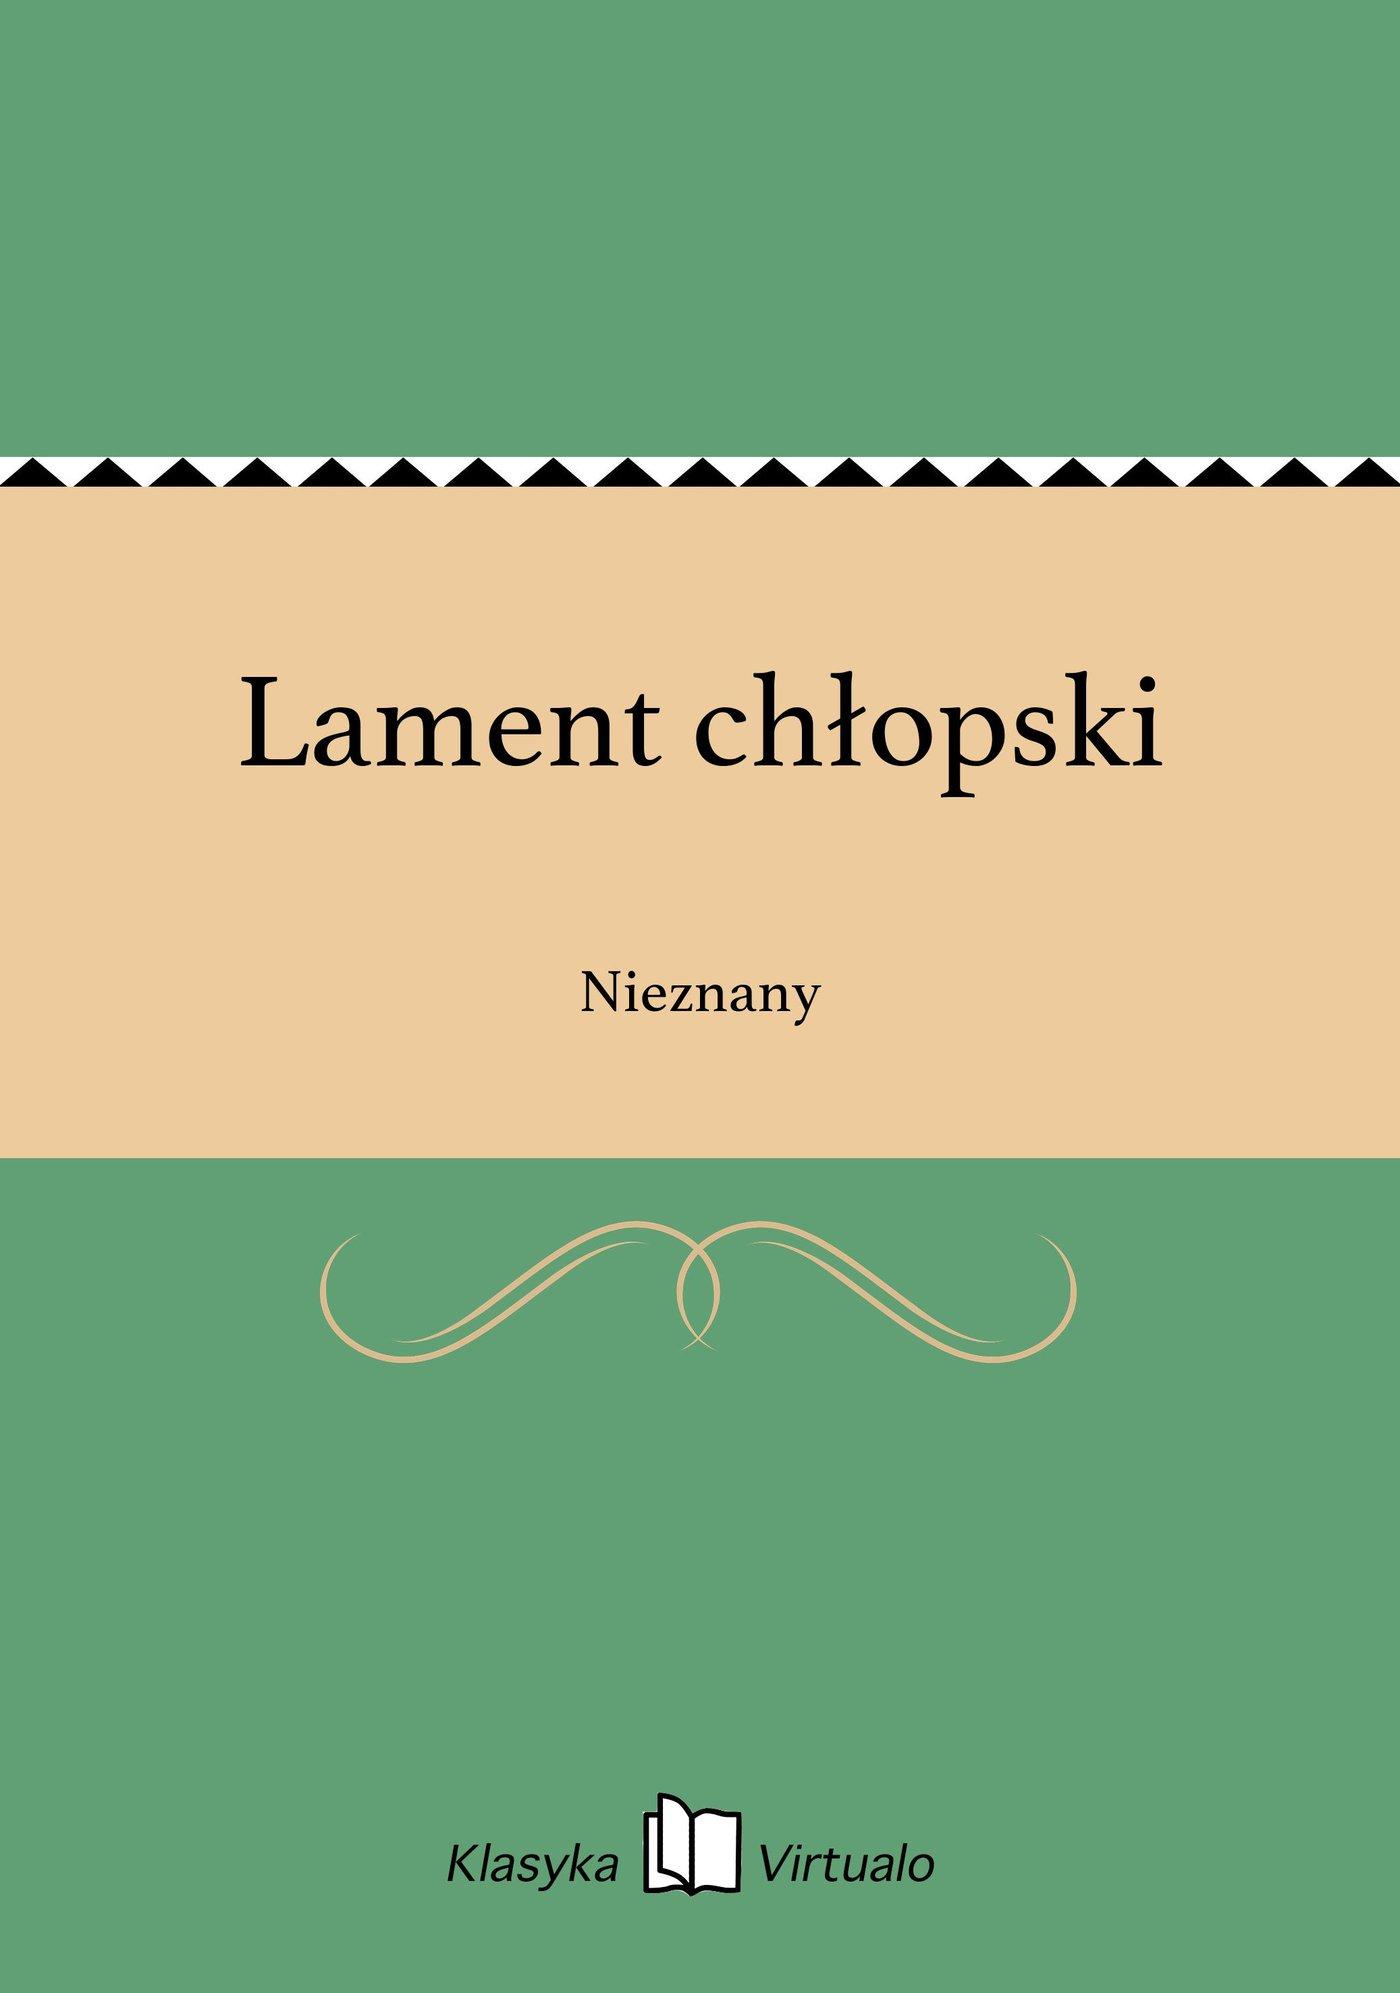 Lament chłopski - Ebook (Książka EPUB) do pobrania w formacie EPUB